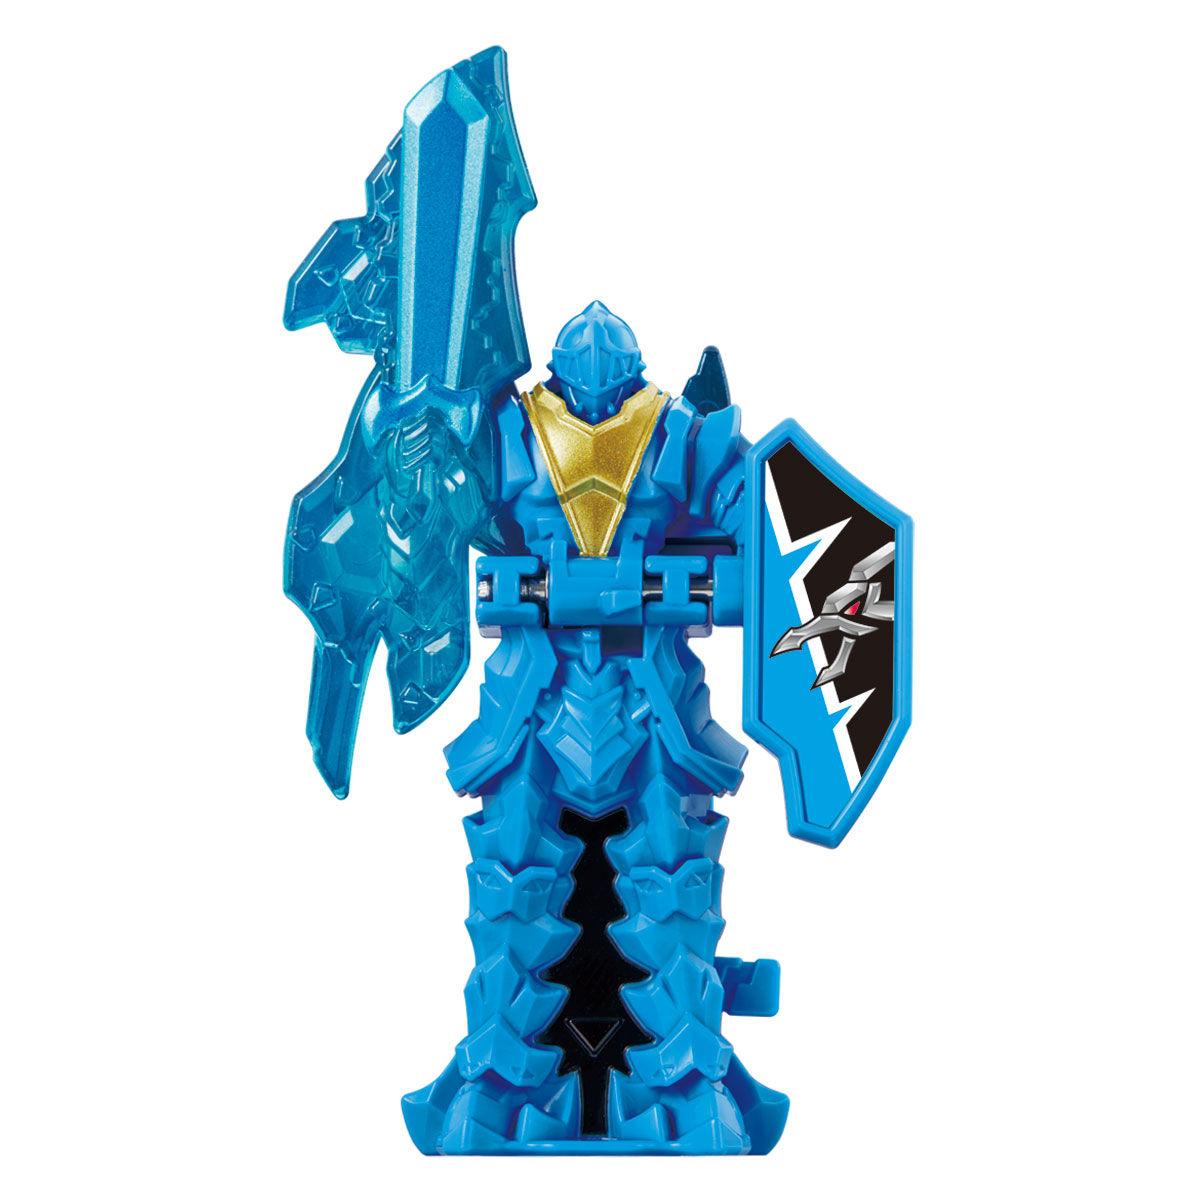 騎士竜戦隊リュウソウジャー『騎士竜シリーズ11 竜装変形 DXヨクリュウオー』可変可動フィギュア-006